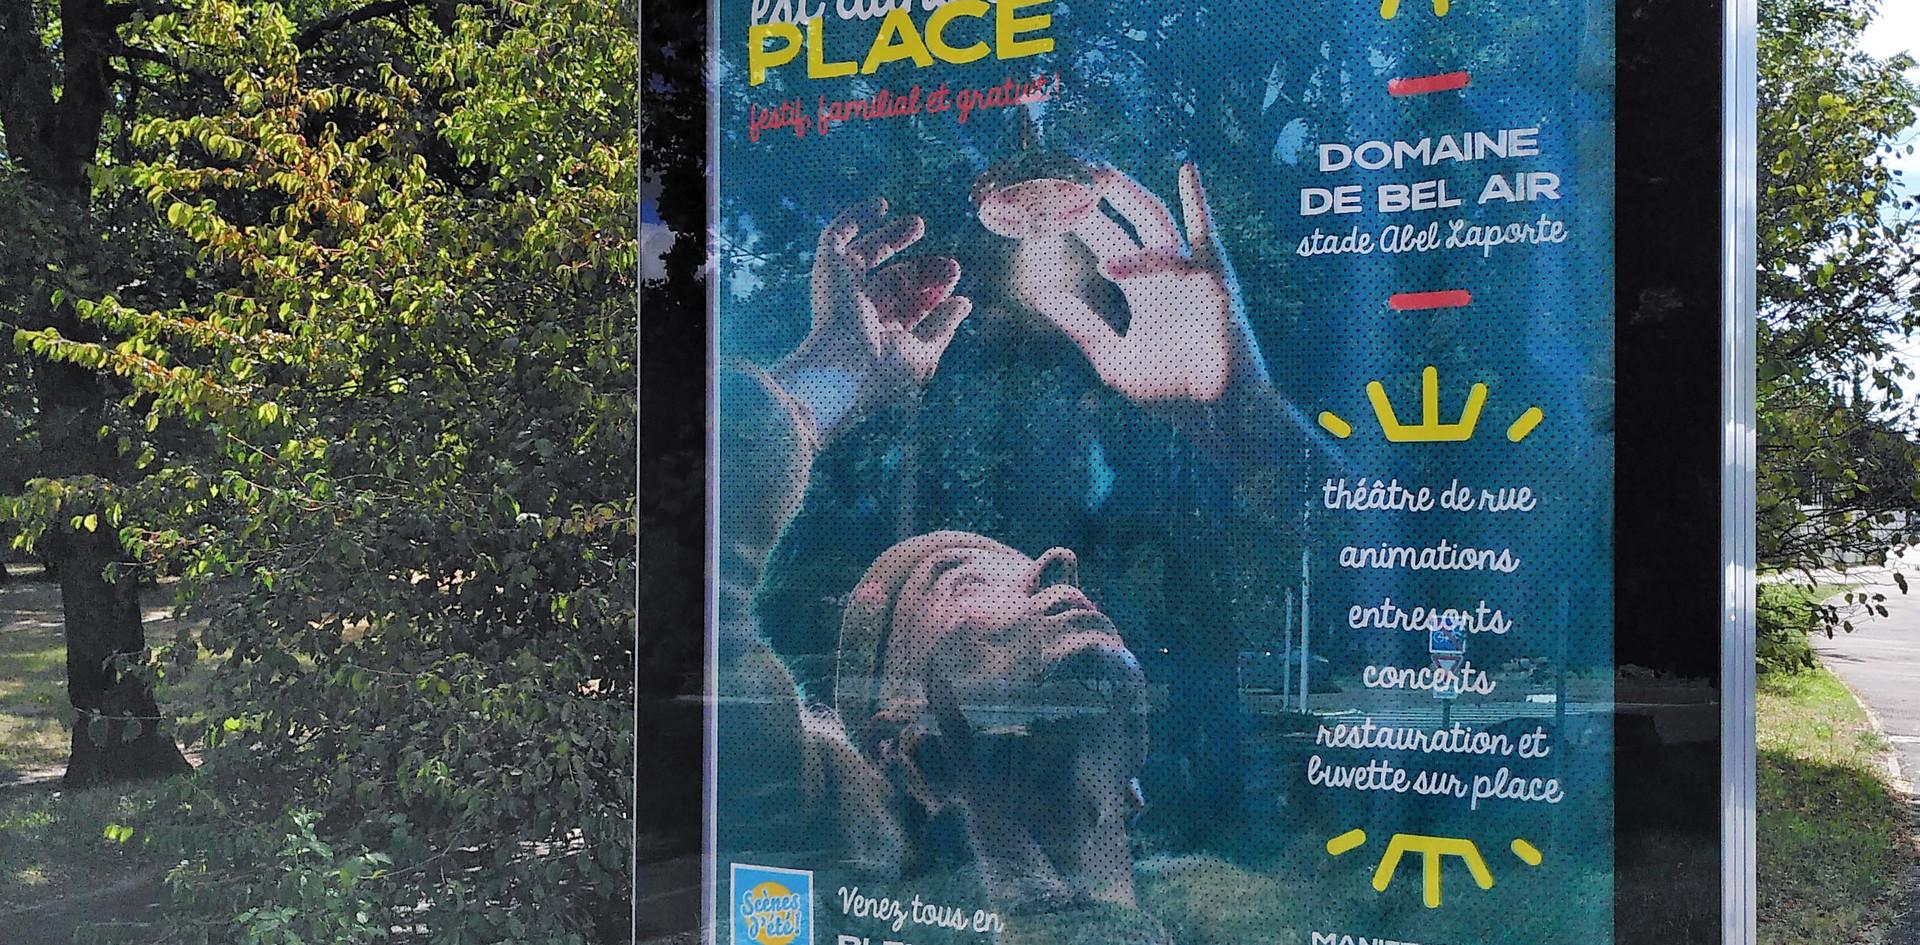 Affiche sur place.jpg